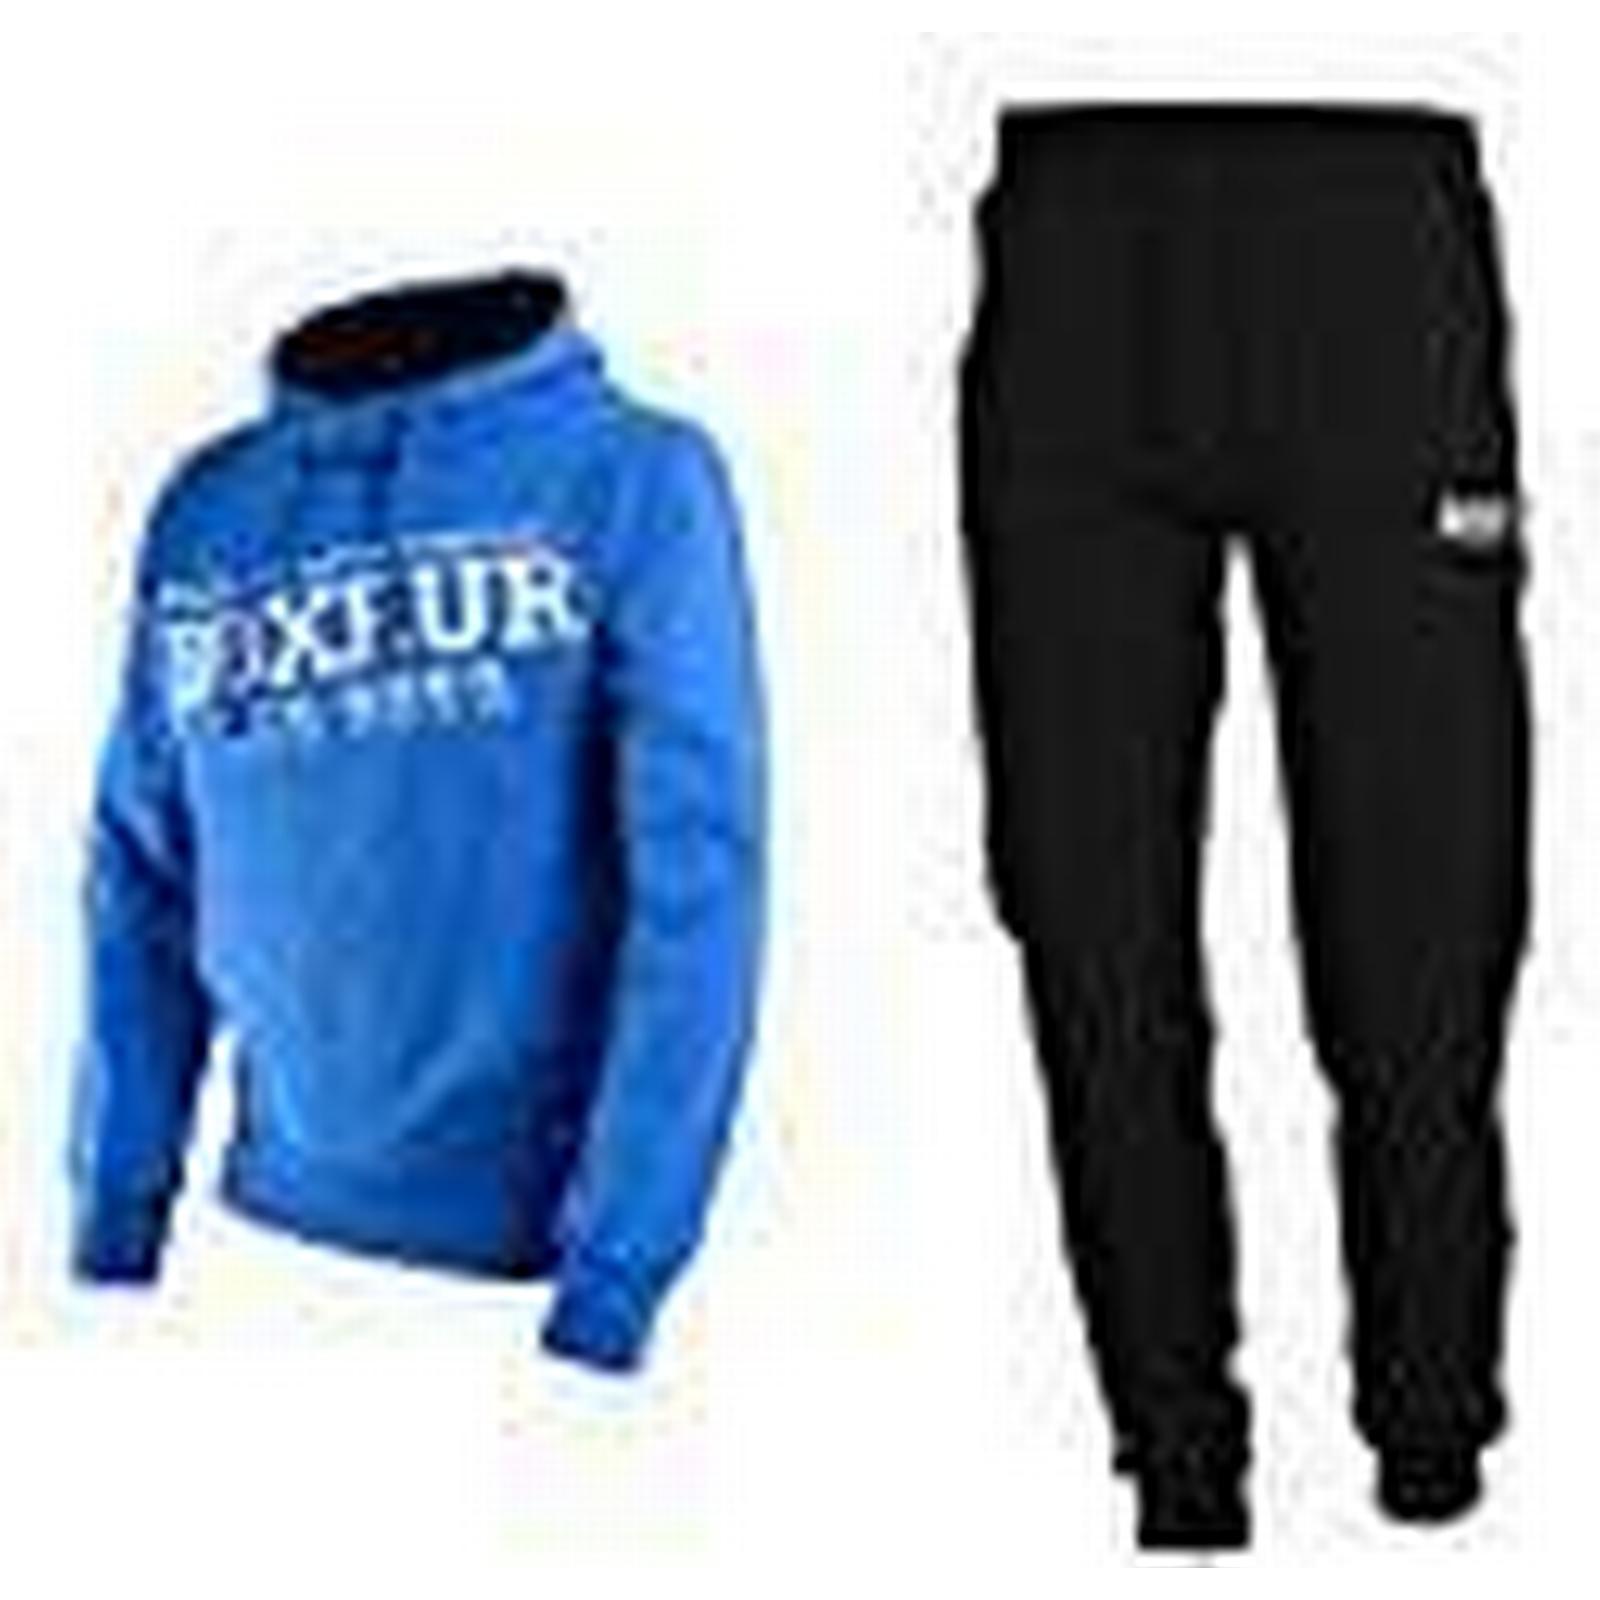 Boxeur Des Rues Men Royal, BXT-T100 Suit - Royal, Men 2X-Large 31eece